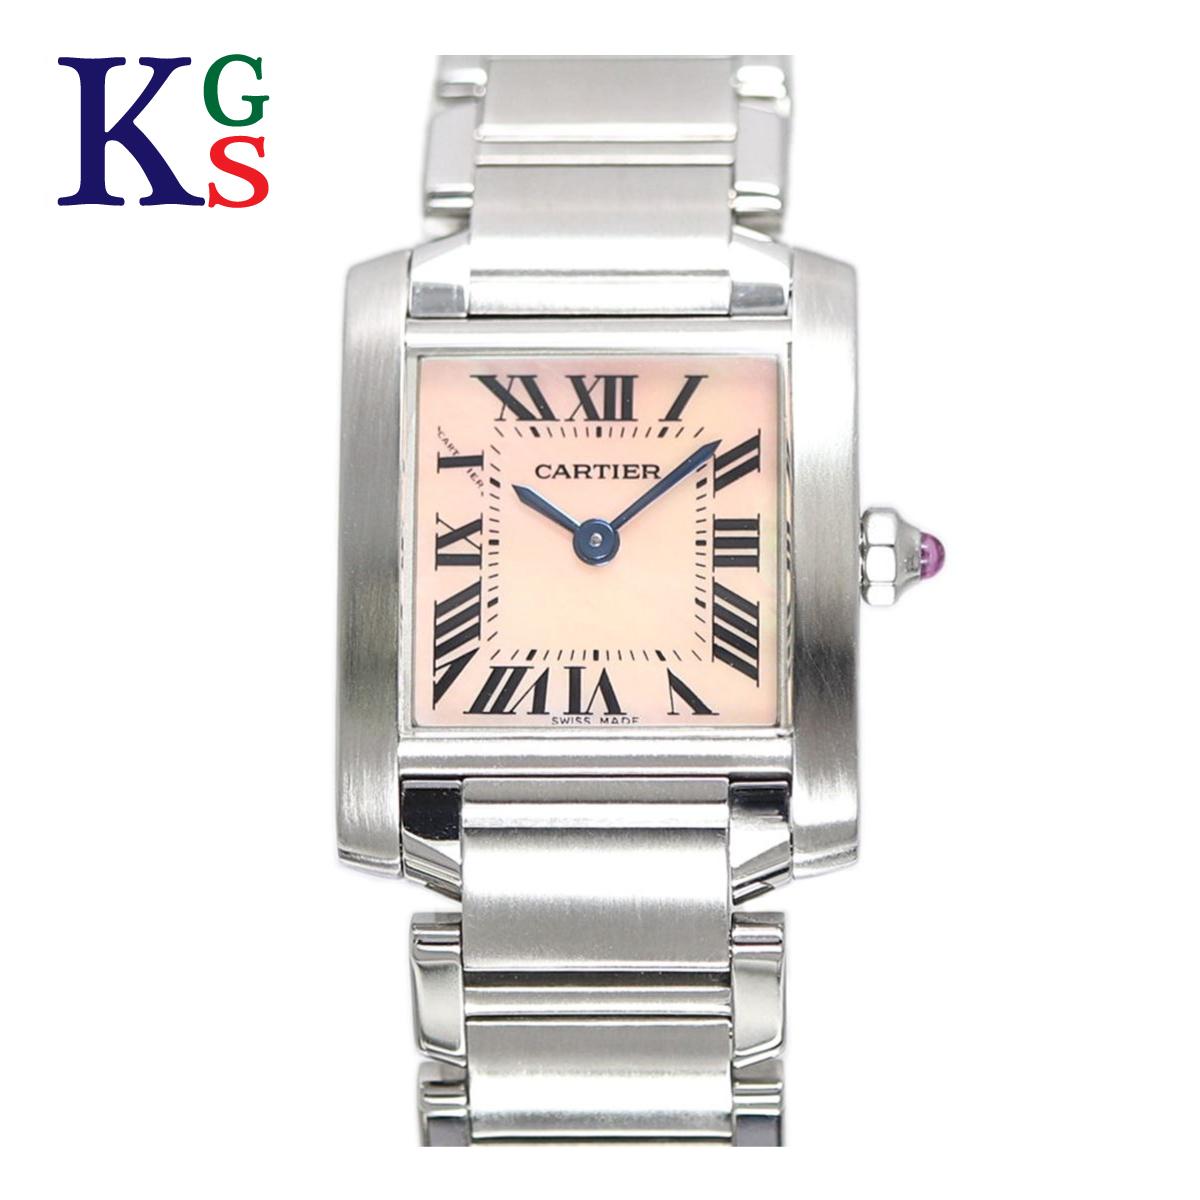 【ギフト品質】カルティエ/Cartier レディース 腕時計 タンクフランセーズSM ピンクシェル文字盤 ステンレススチール クオーツ W51028Q3